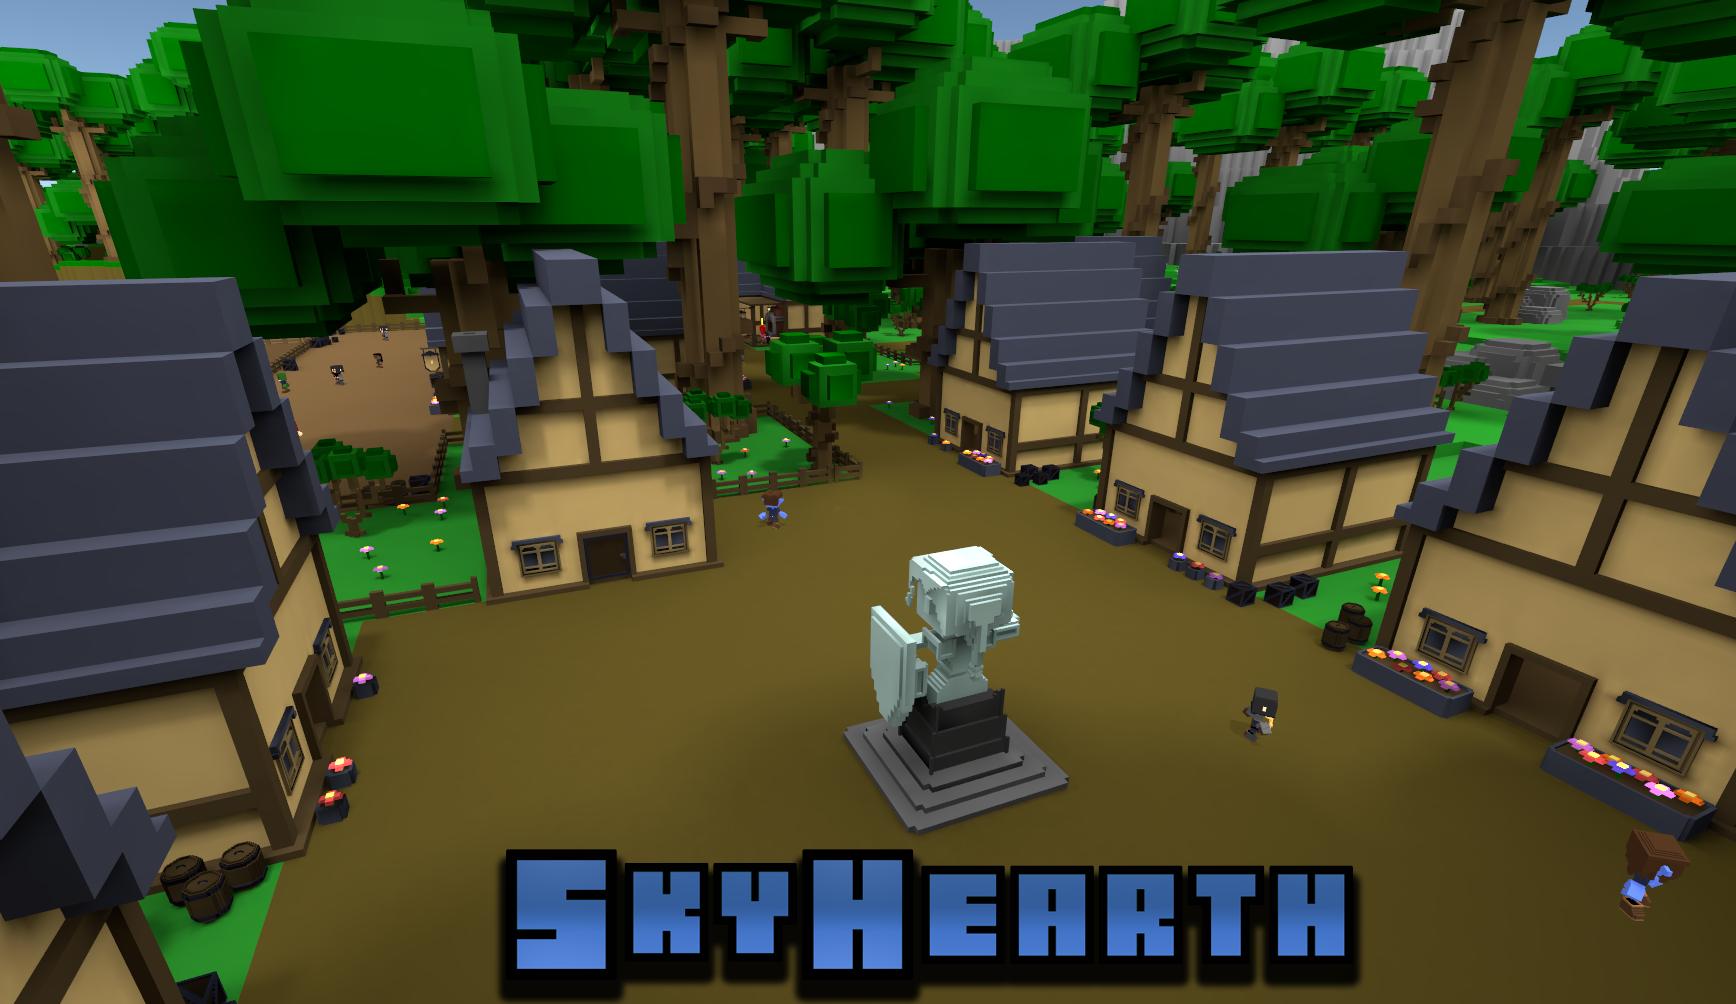 SkyHearth